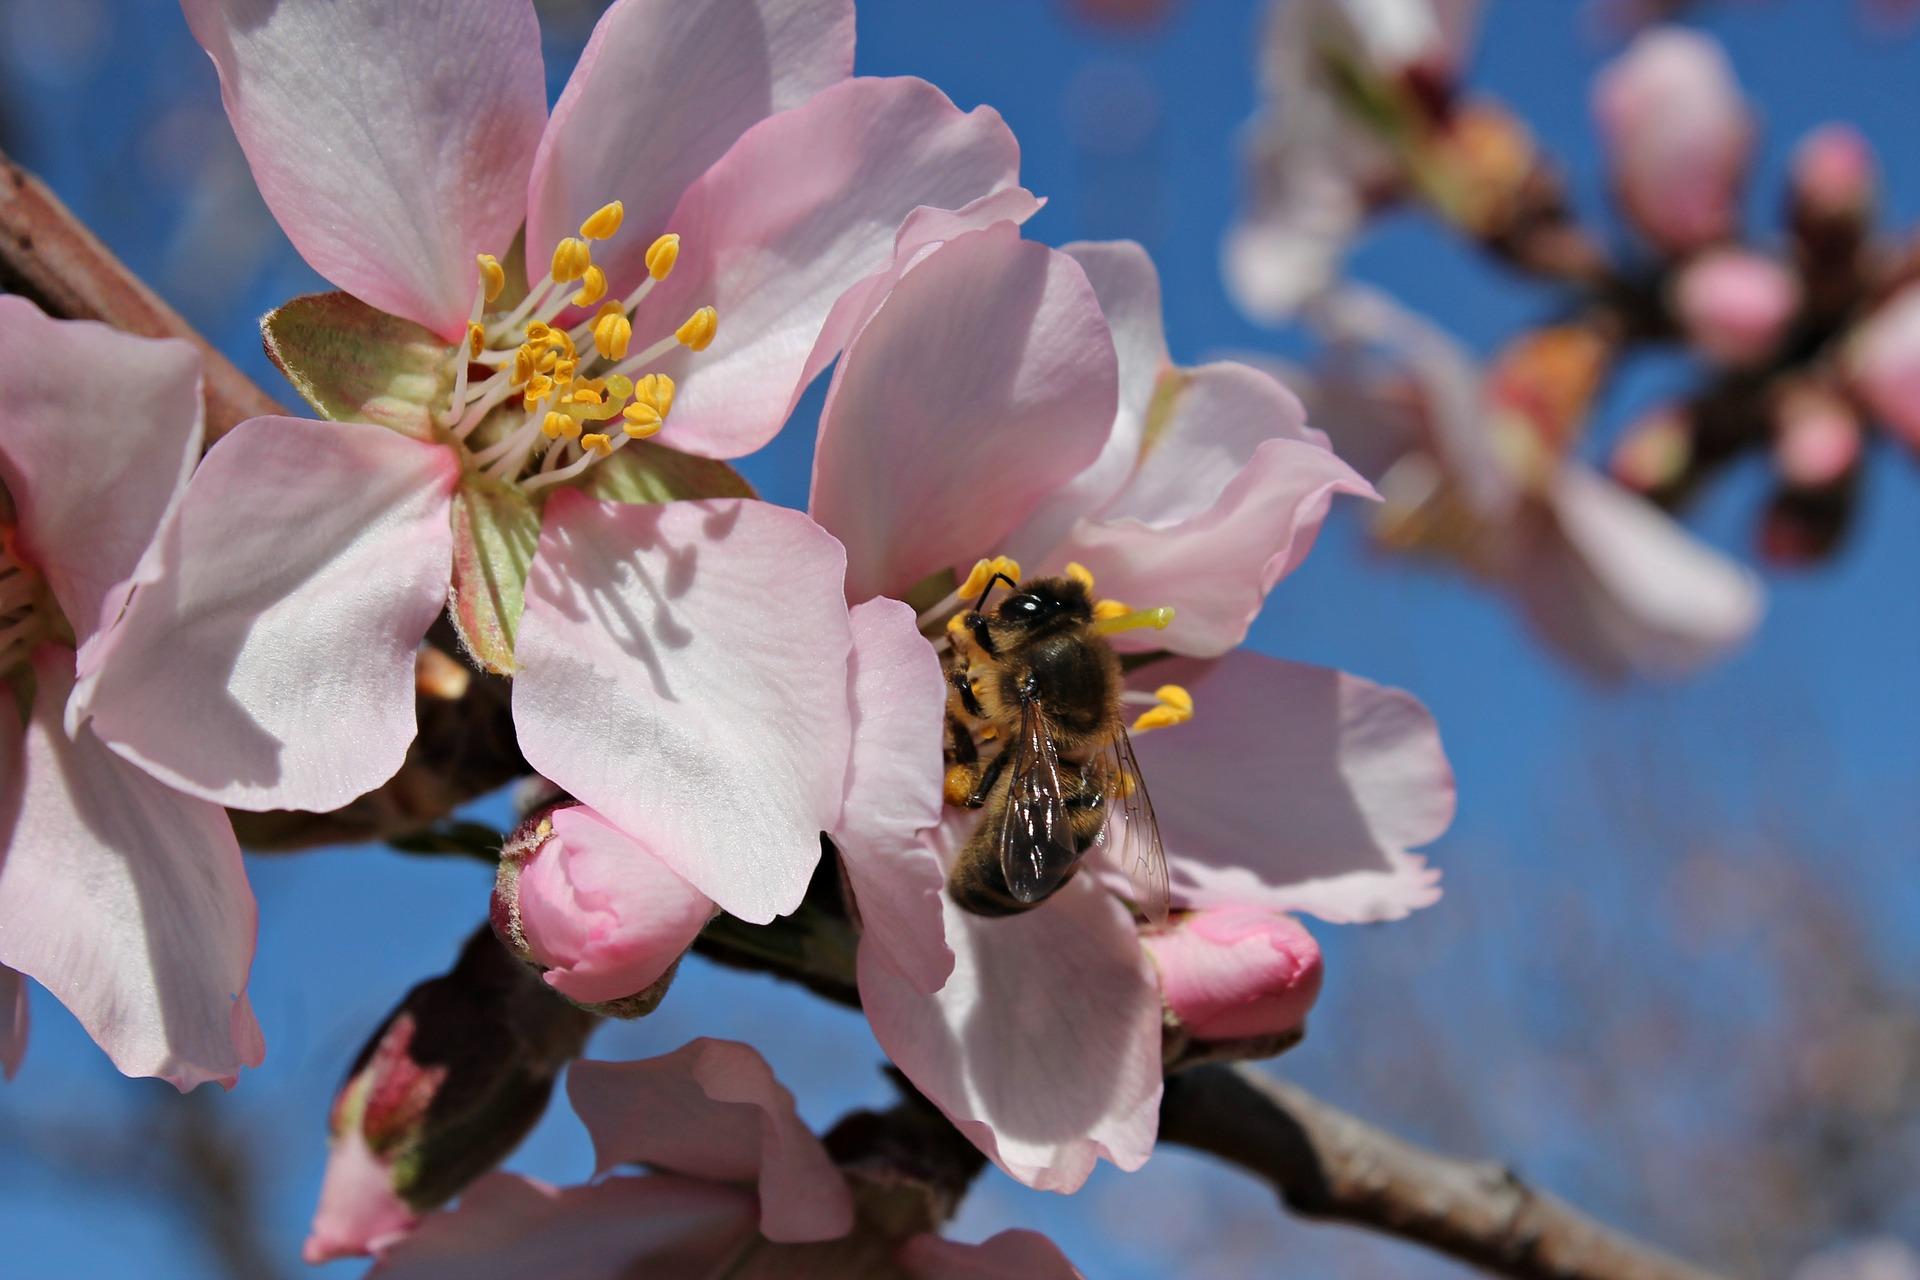 Abeille entrain de polliniser - coopération